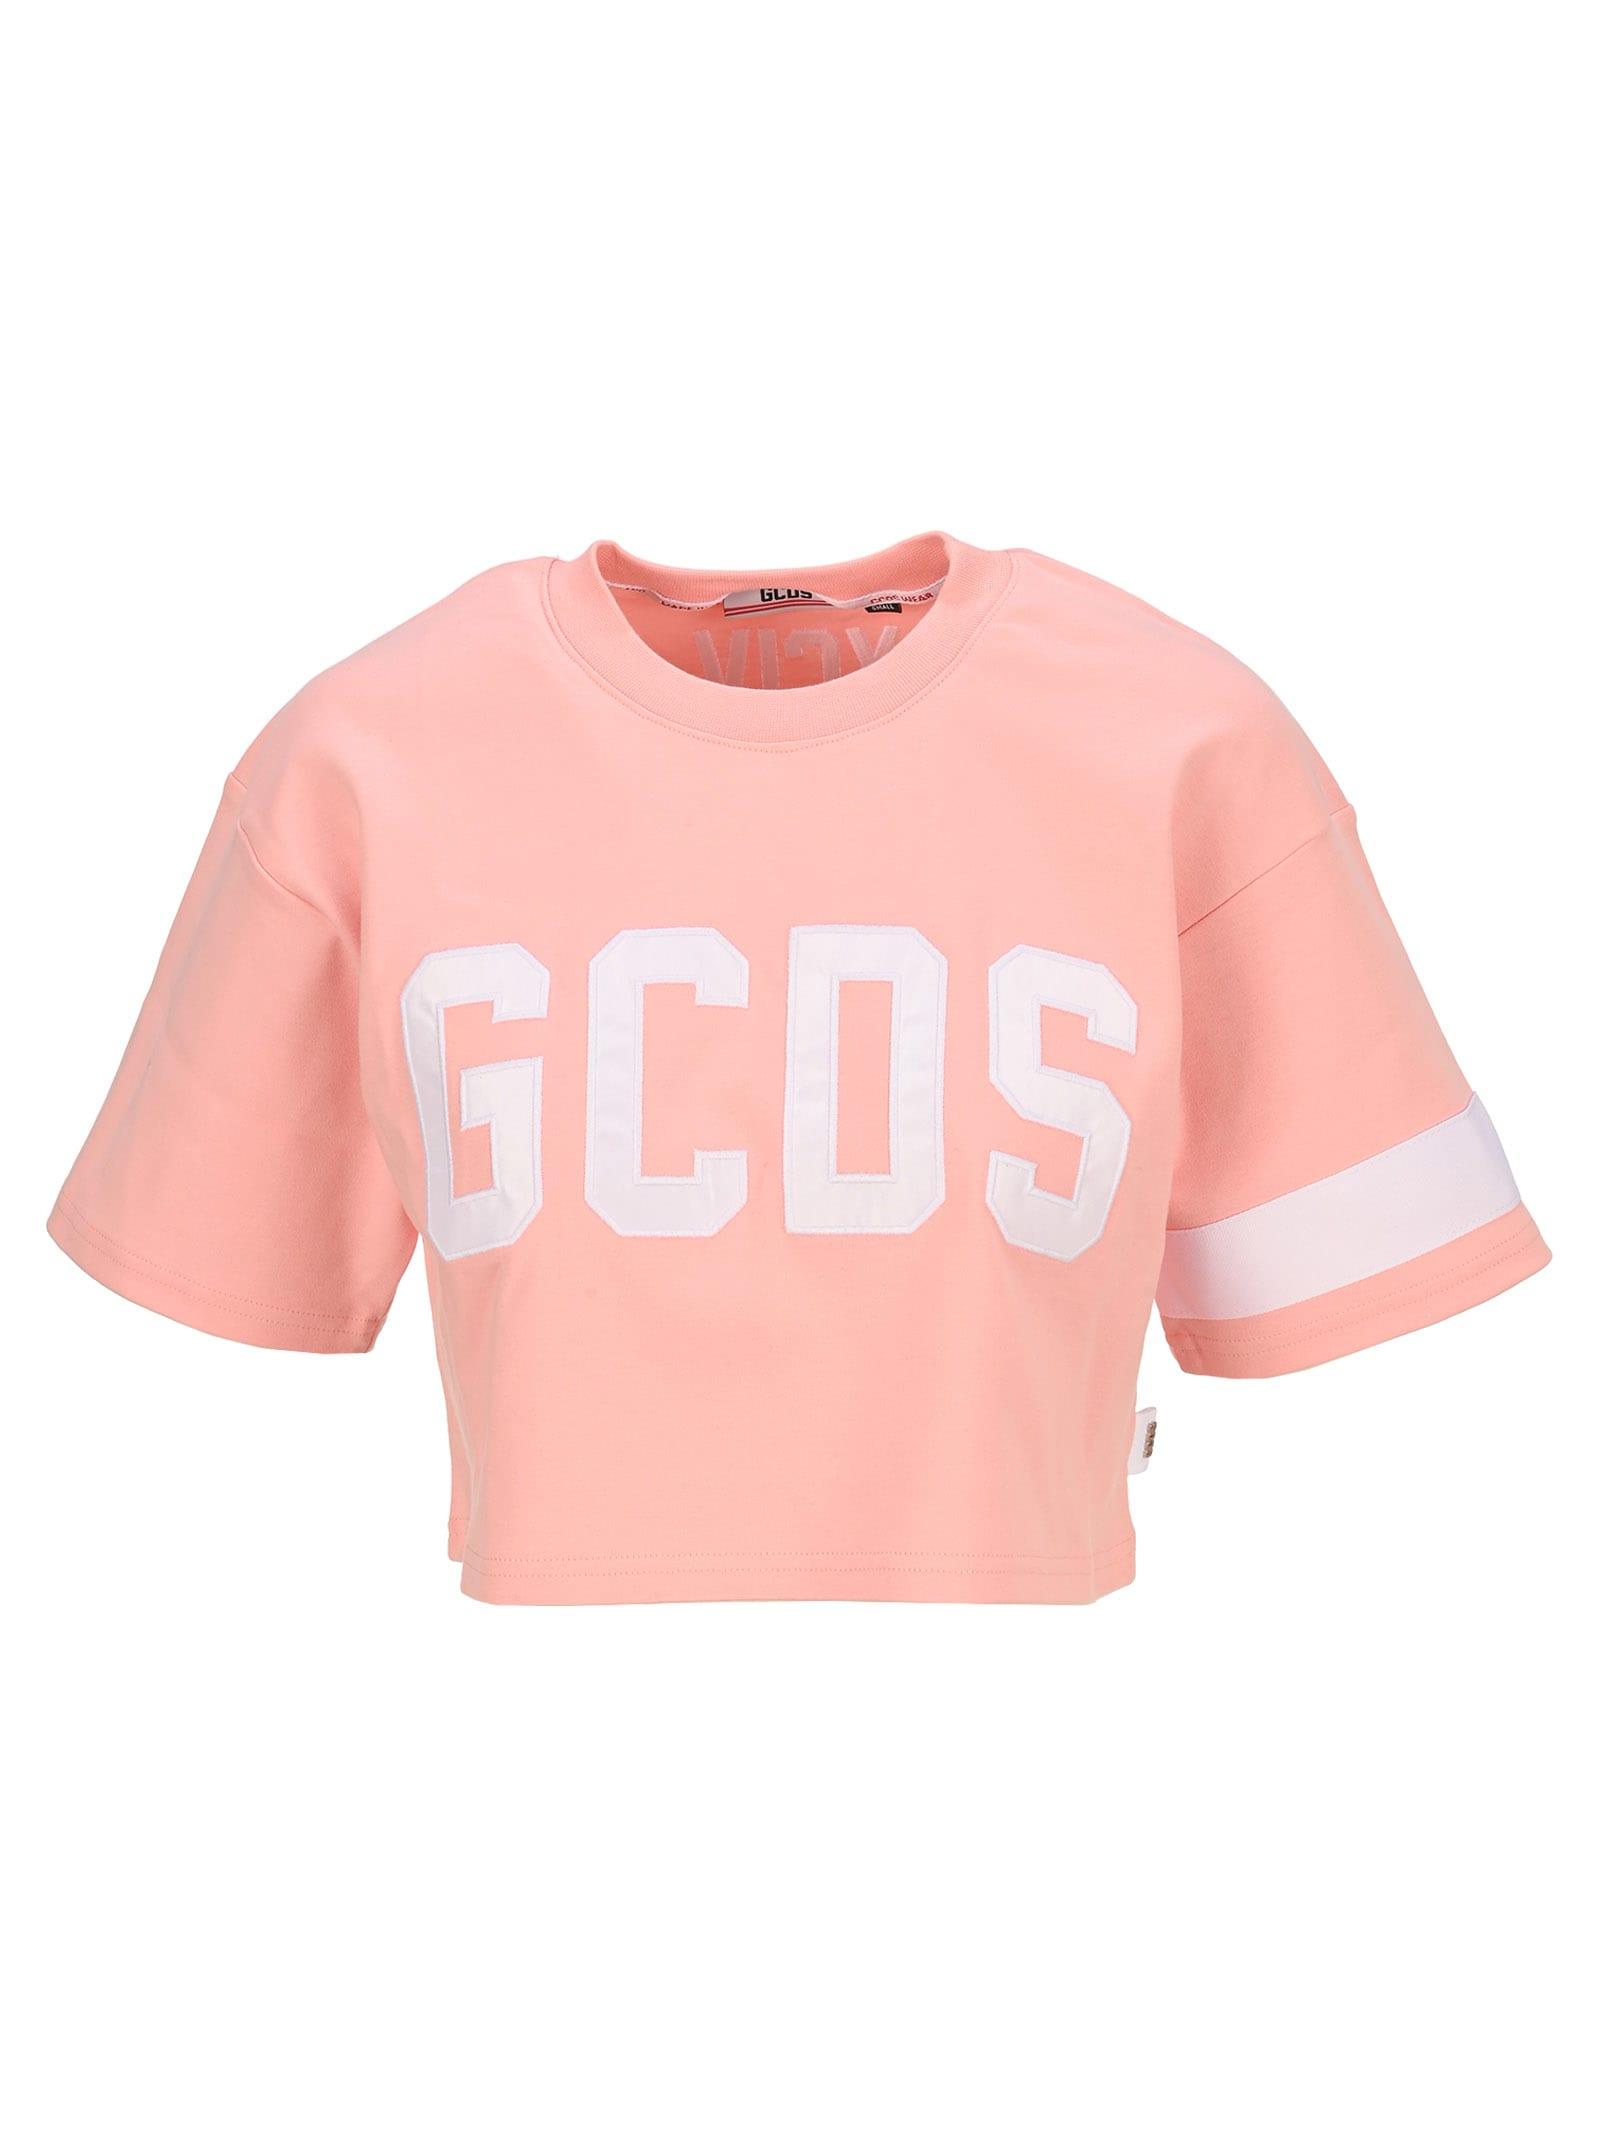 Gcds Crop Logo T-shirt In Pink